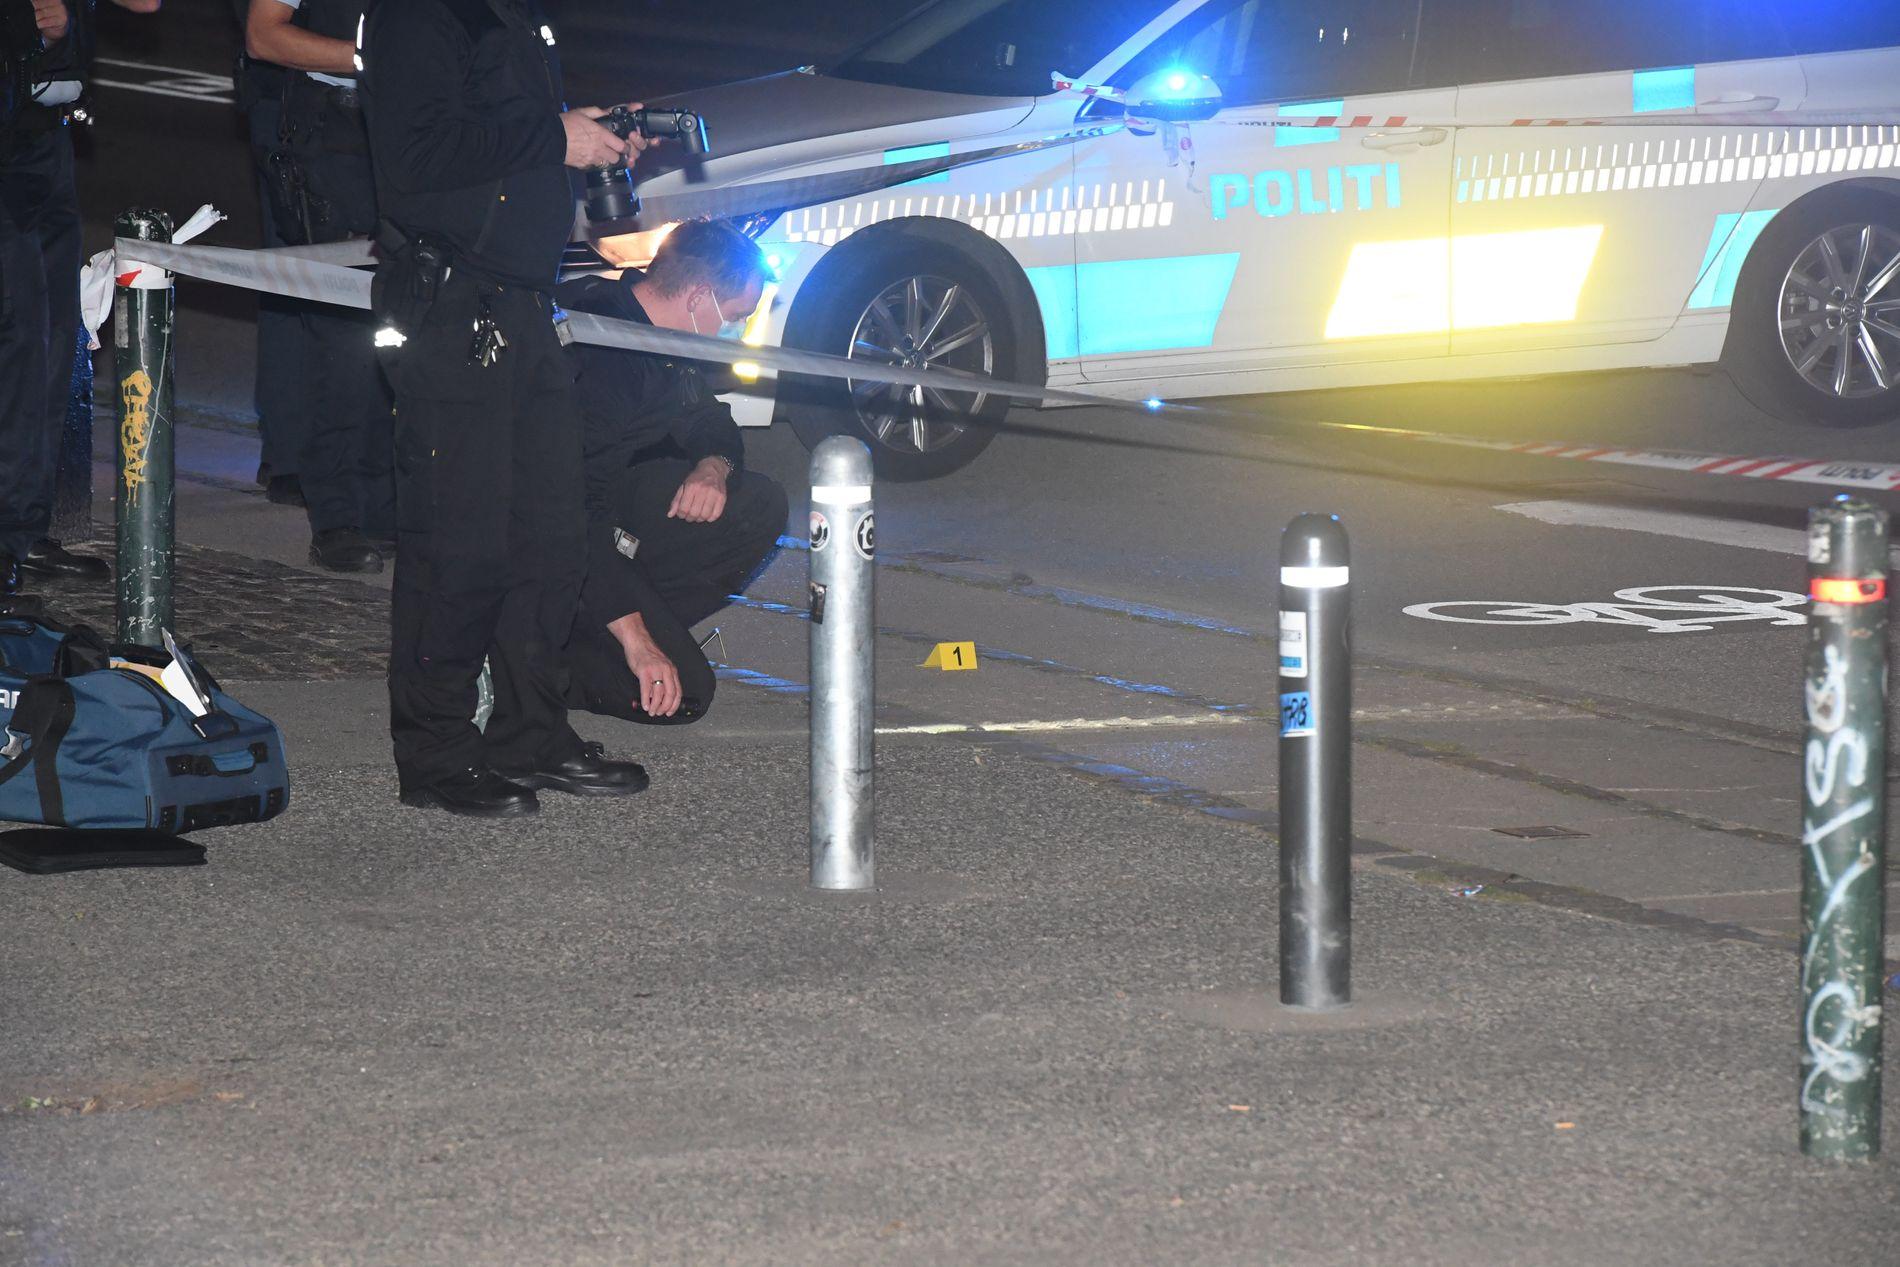 ETTERFORSKER: Politiet rykket torsdag kveld ut til tre steder etter melding om skudd i den danske hovedstaden.